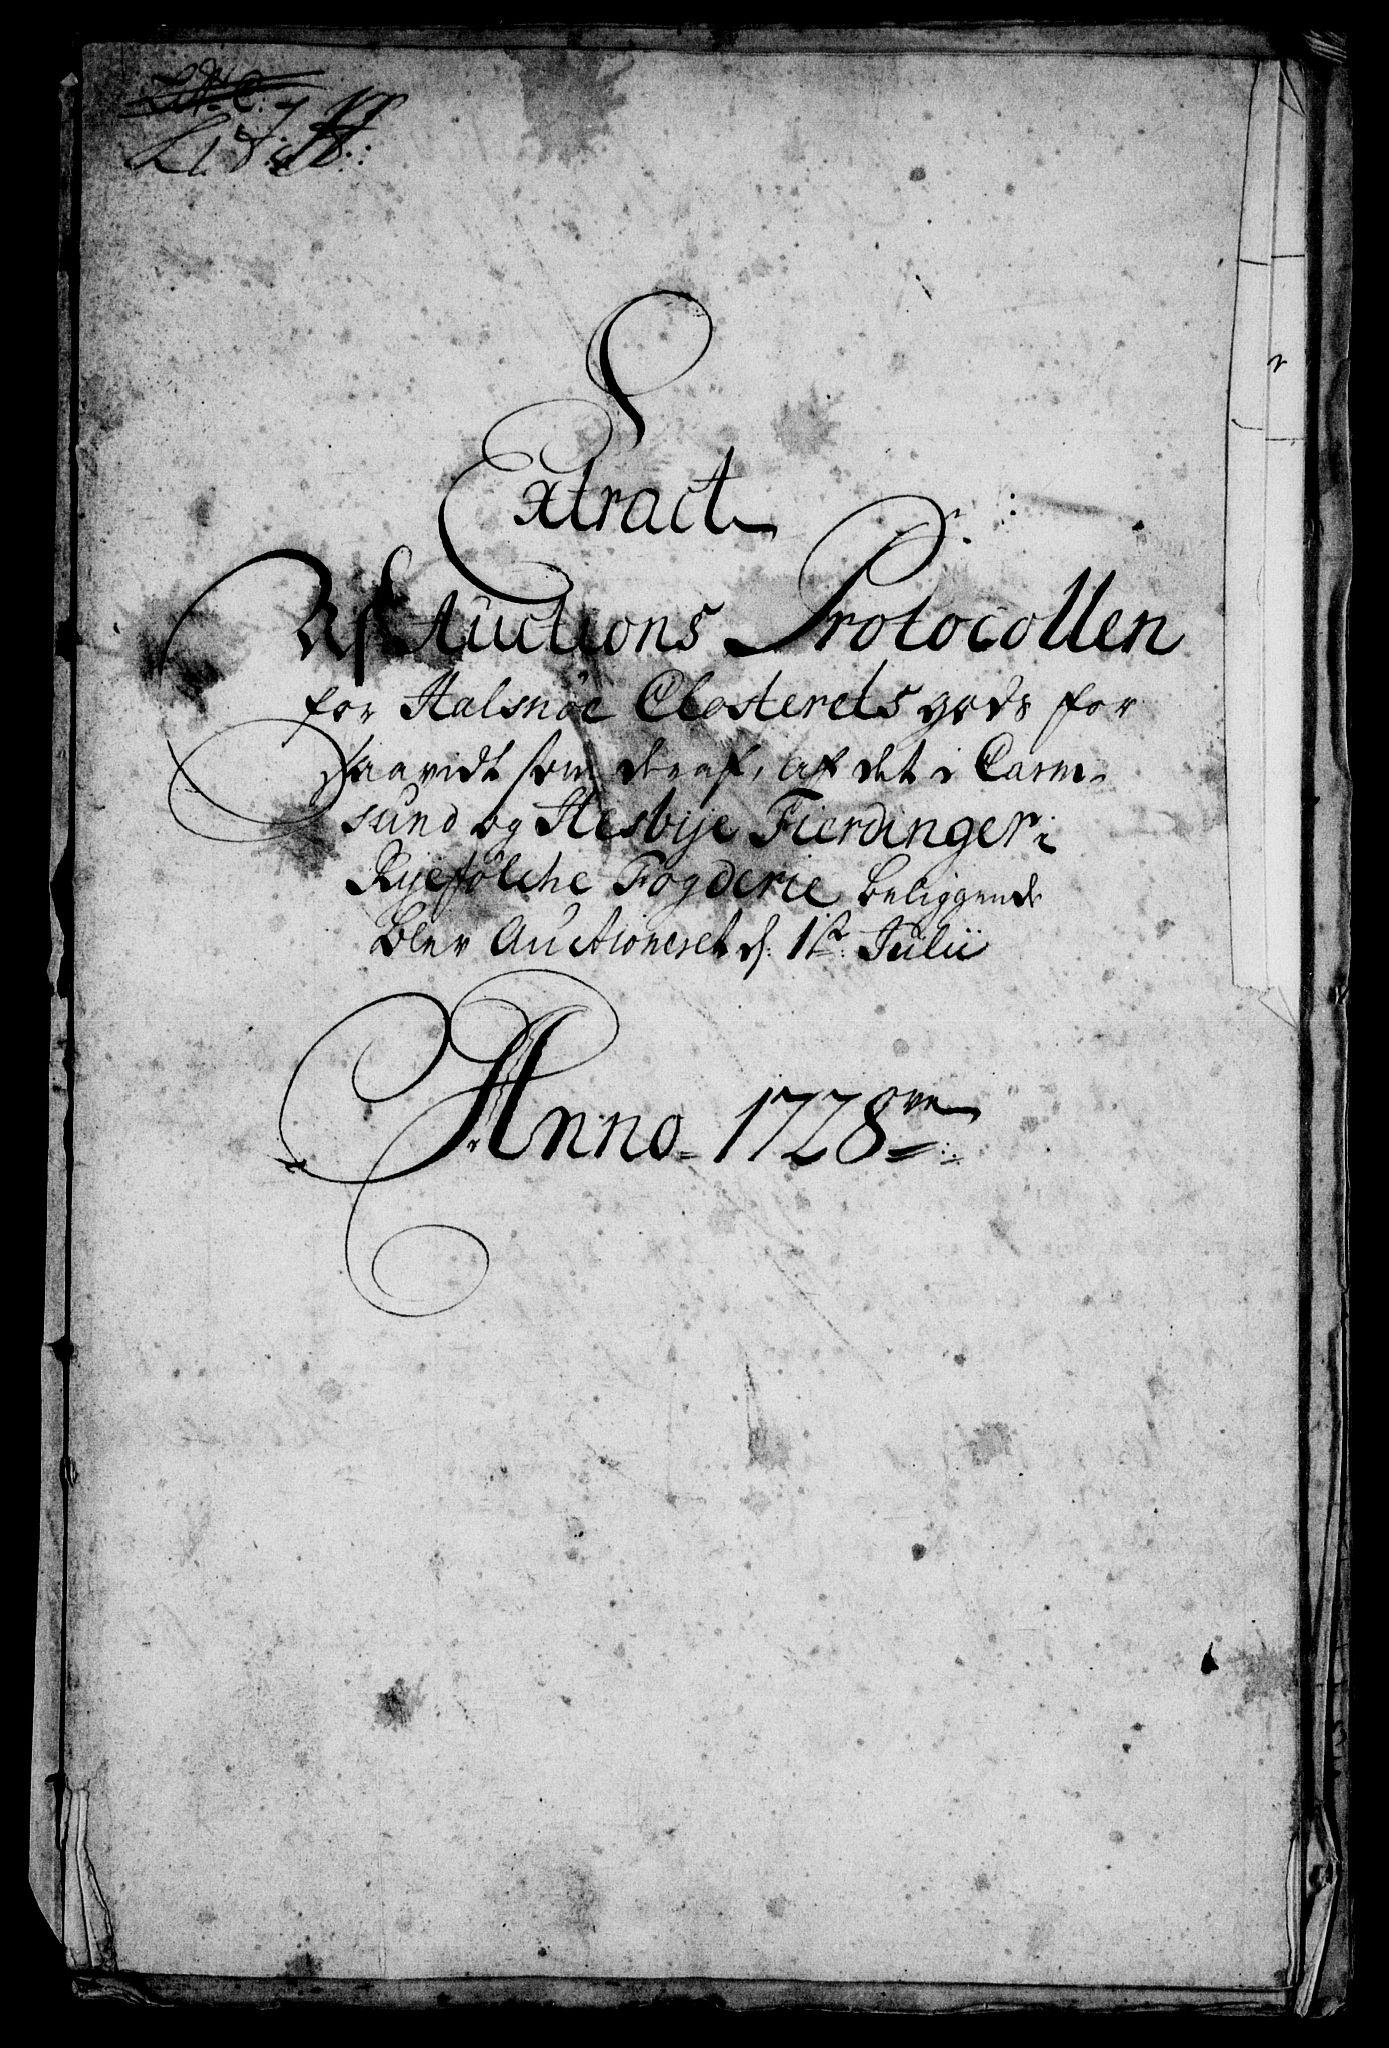 RA, Rentekammeret inntil 1814, Realistisk ordnet avdeling, On/L0003: [Jj 4]: Kommisjonsforretning over Vilhelm Hanssøns forpaktning av Halsnøy klosters gods, 1721-1729, s. 509